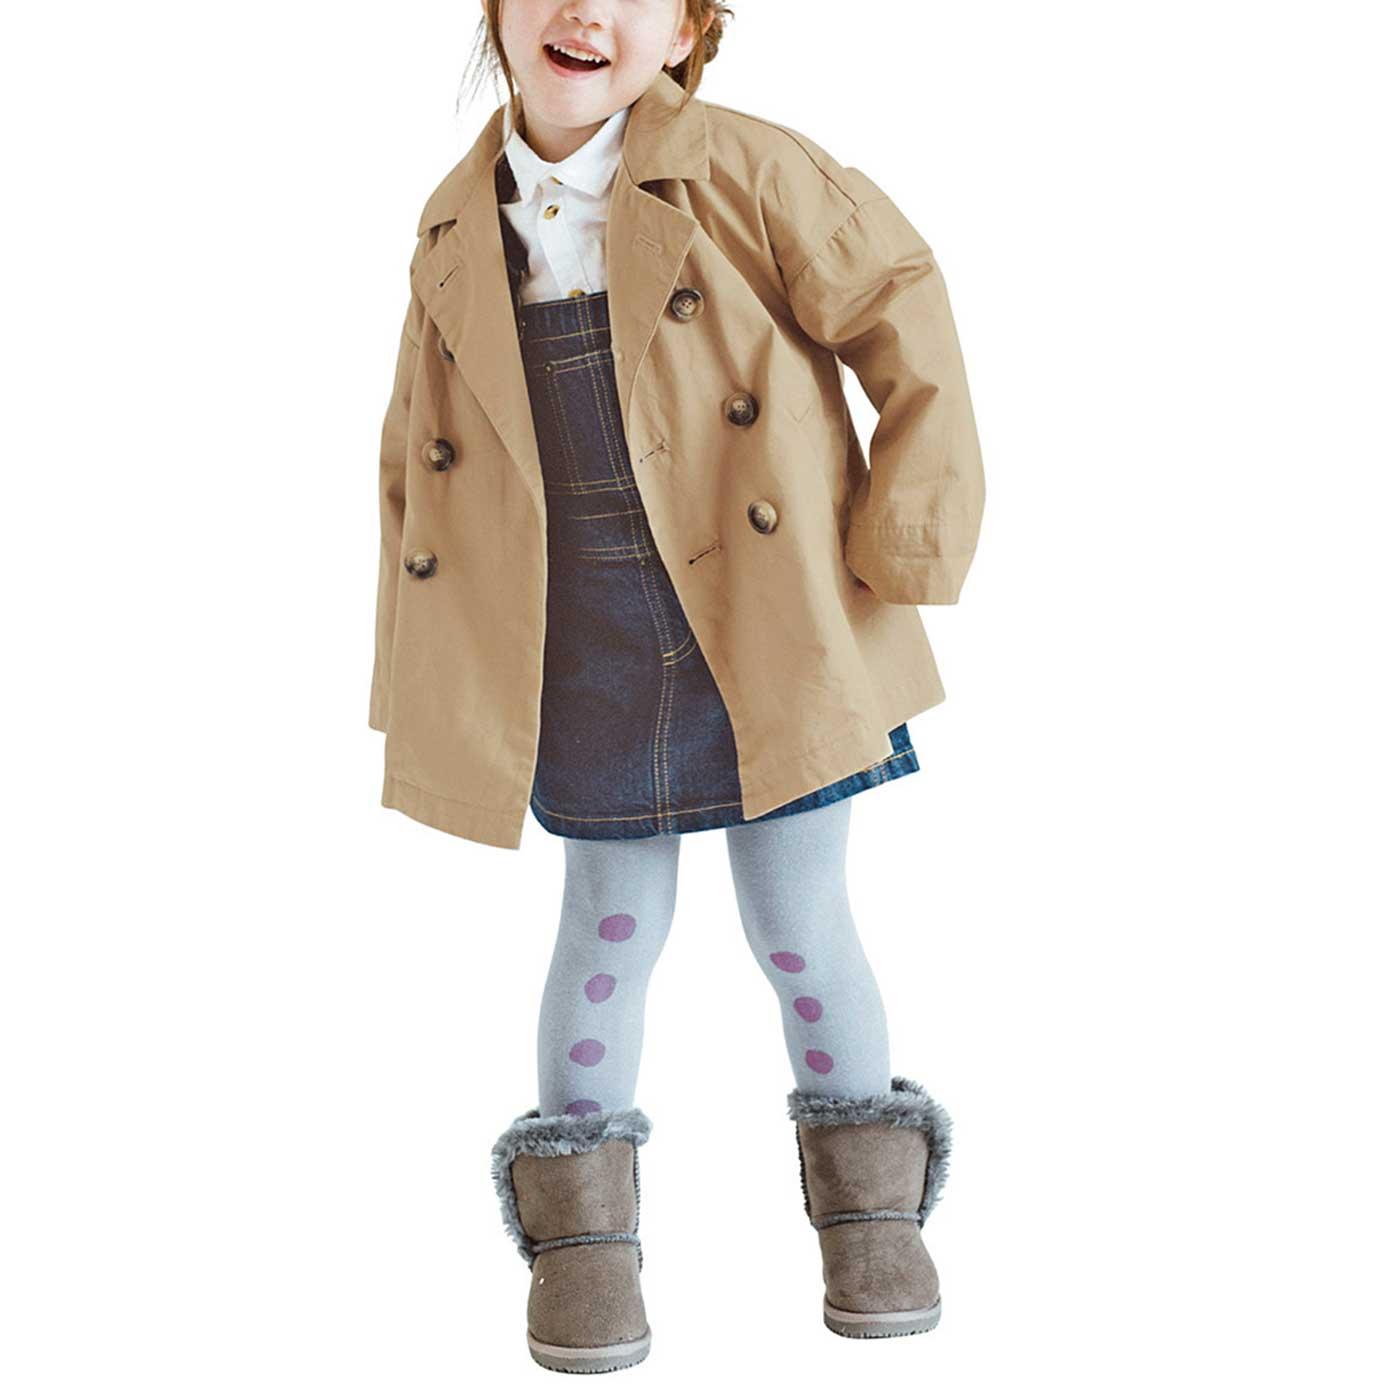 ドロップショルダーで、ゆったりしたデザイン。今年は袖をまくって、来年は袖を伸ばして、長く着られます。 101cm/10サイズ